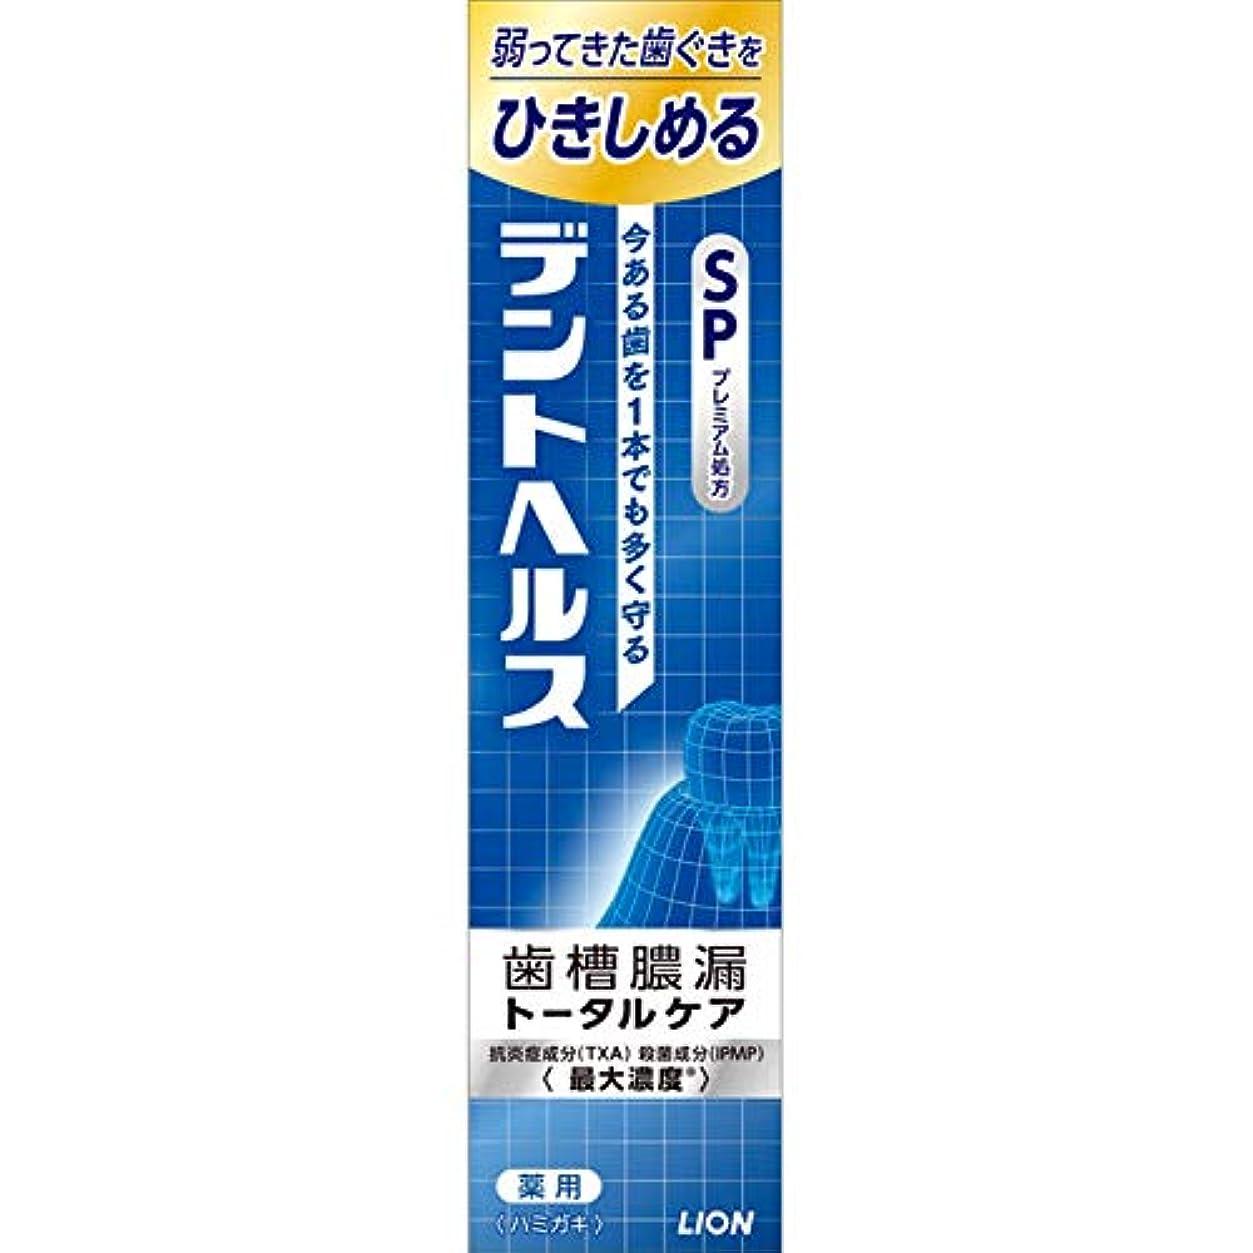 演劇郵便局命令ライオン デントヘルス 薬用ハミガキ SP 120g (医薬部外品)